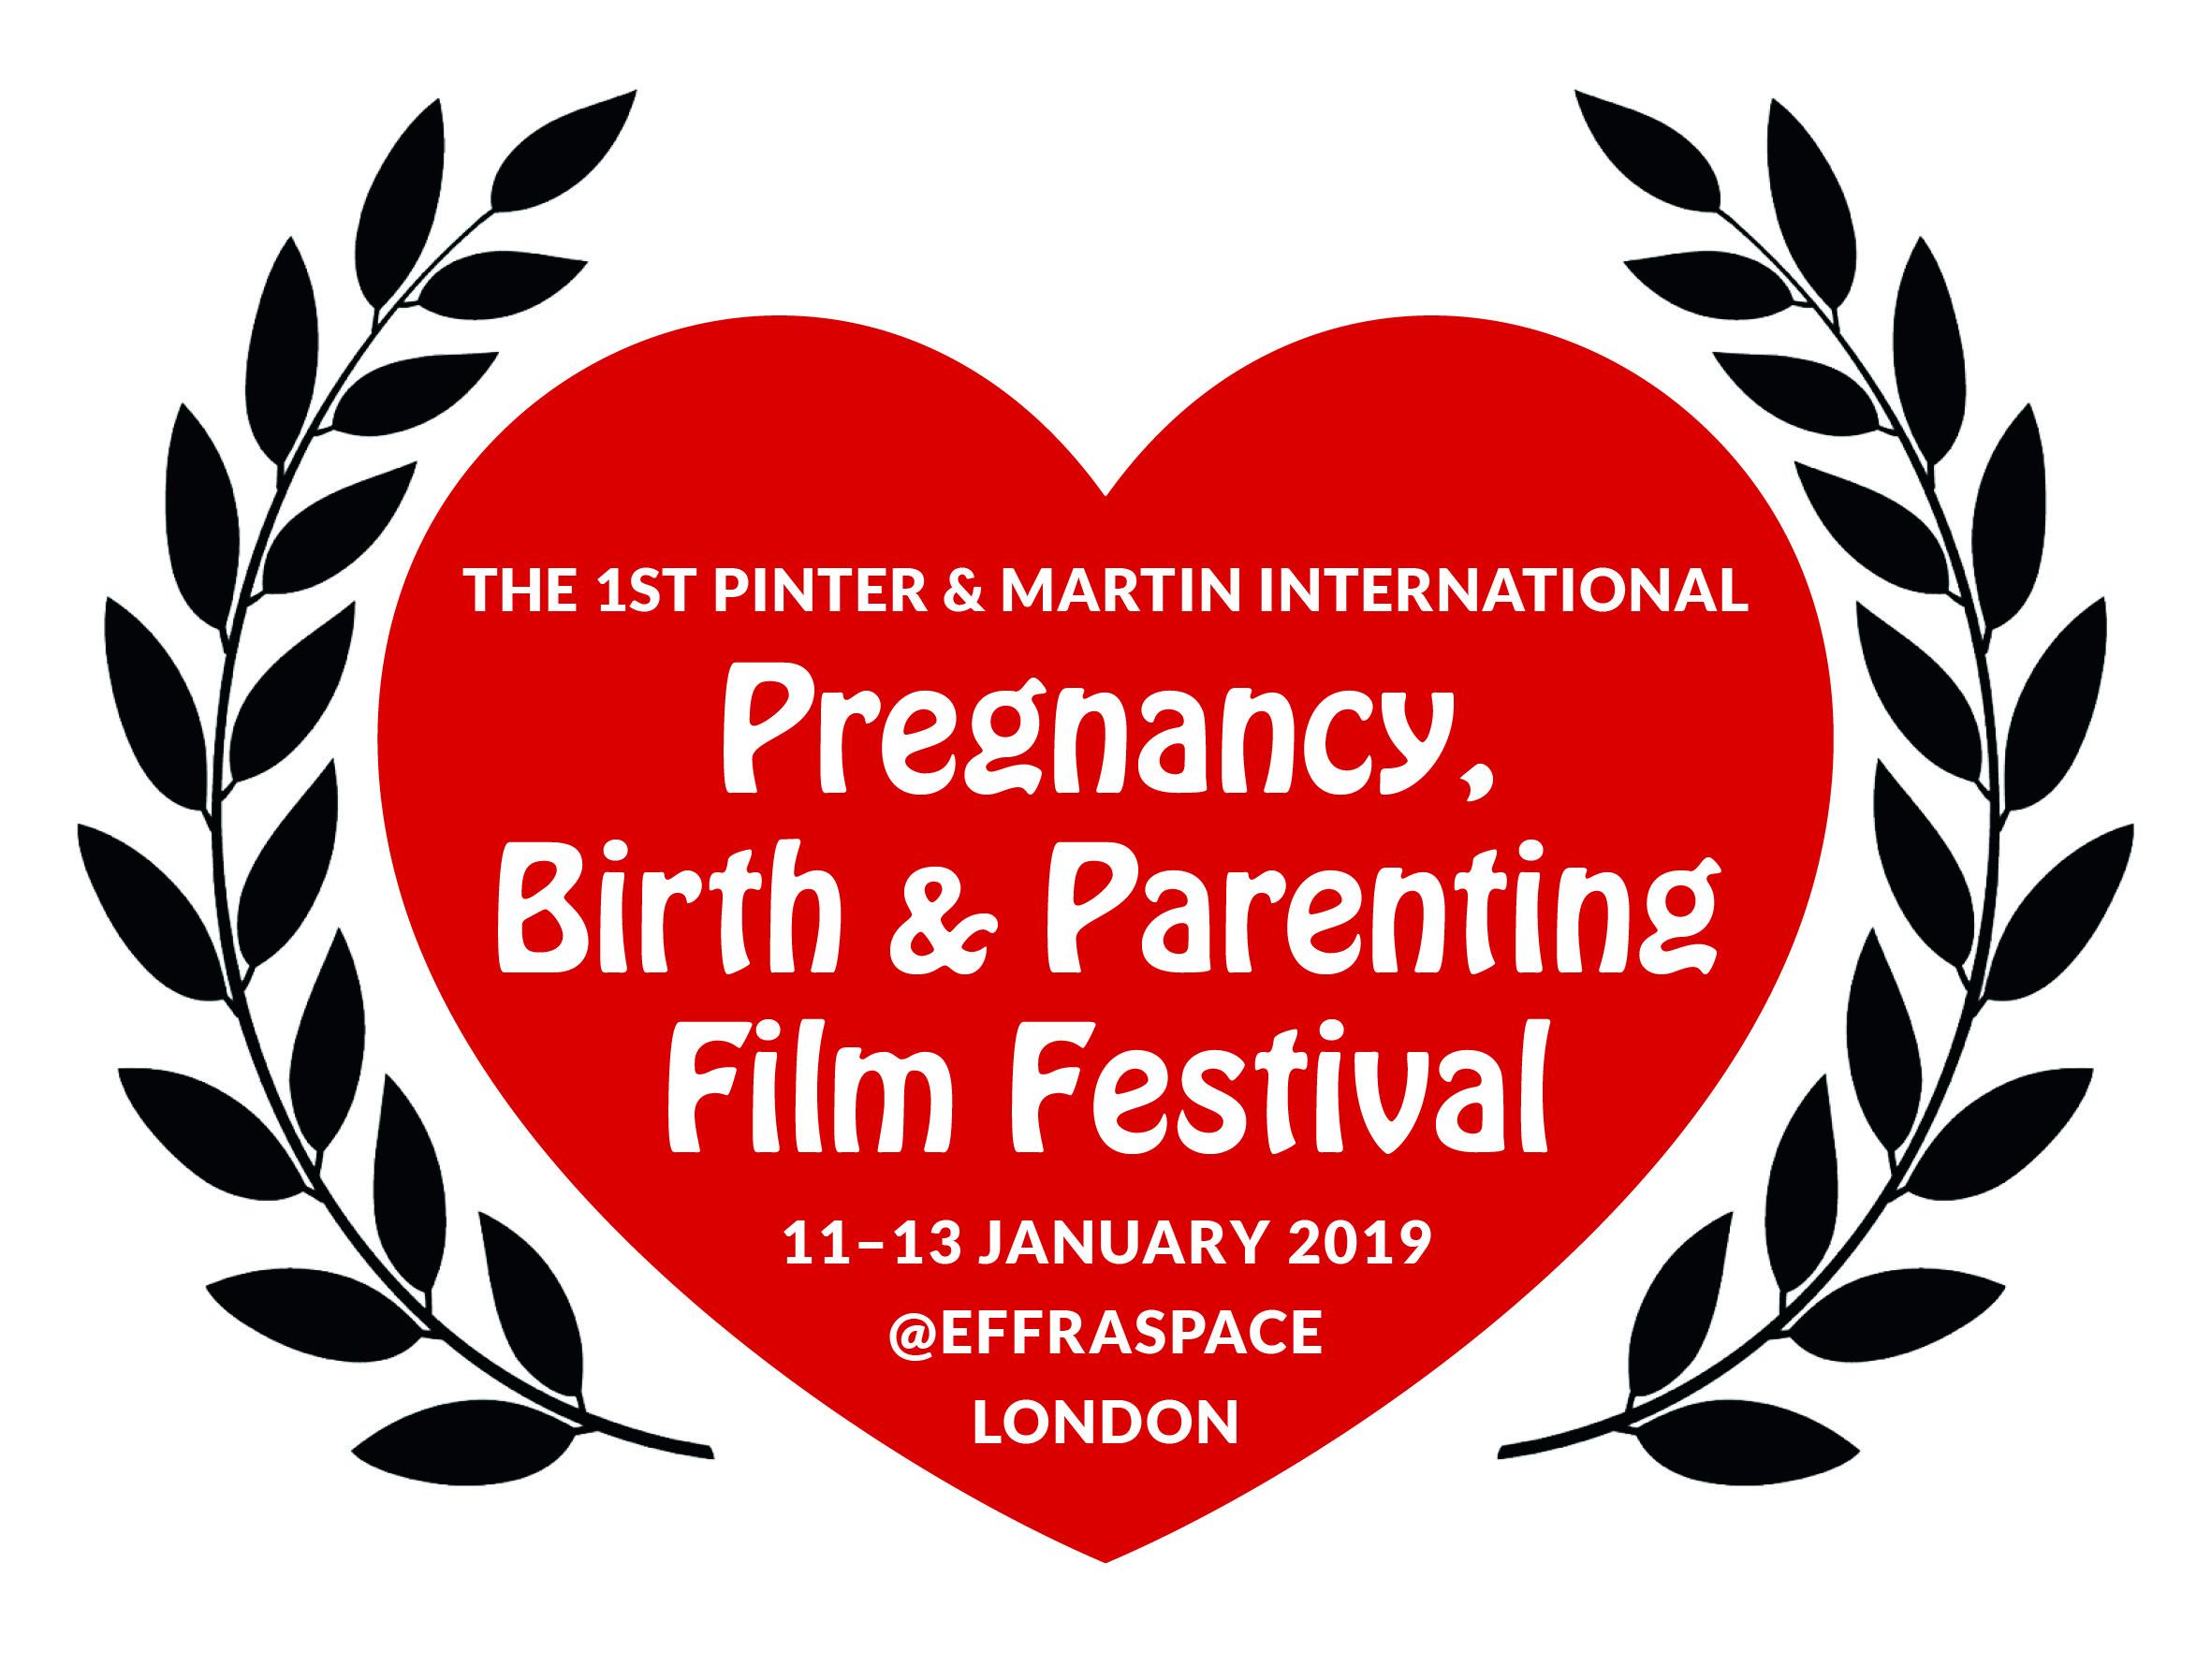 pm-film-fest-2019.jpg